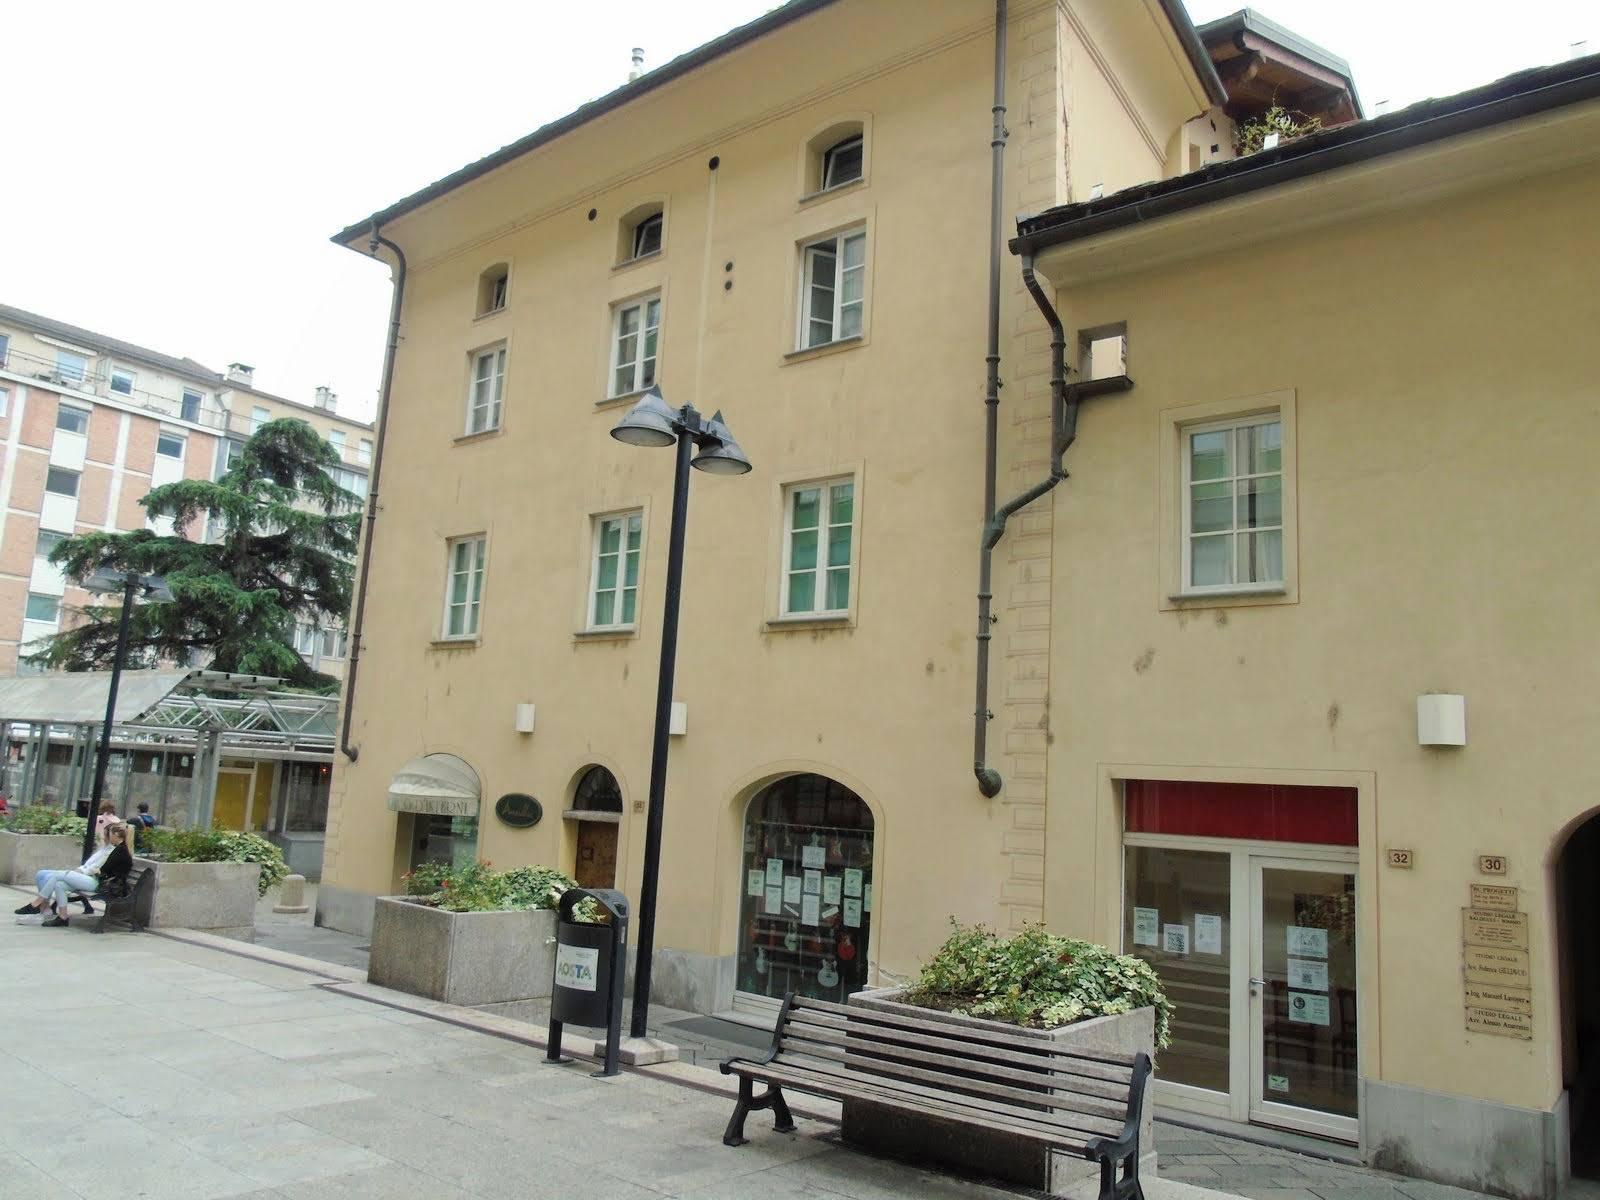 Ufficio / Studio in vendita a Aosta, 2 locali, zona Zona: Centro, prezzo € 270.000 | CambioCasa.it